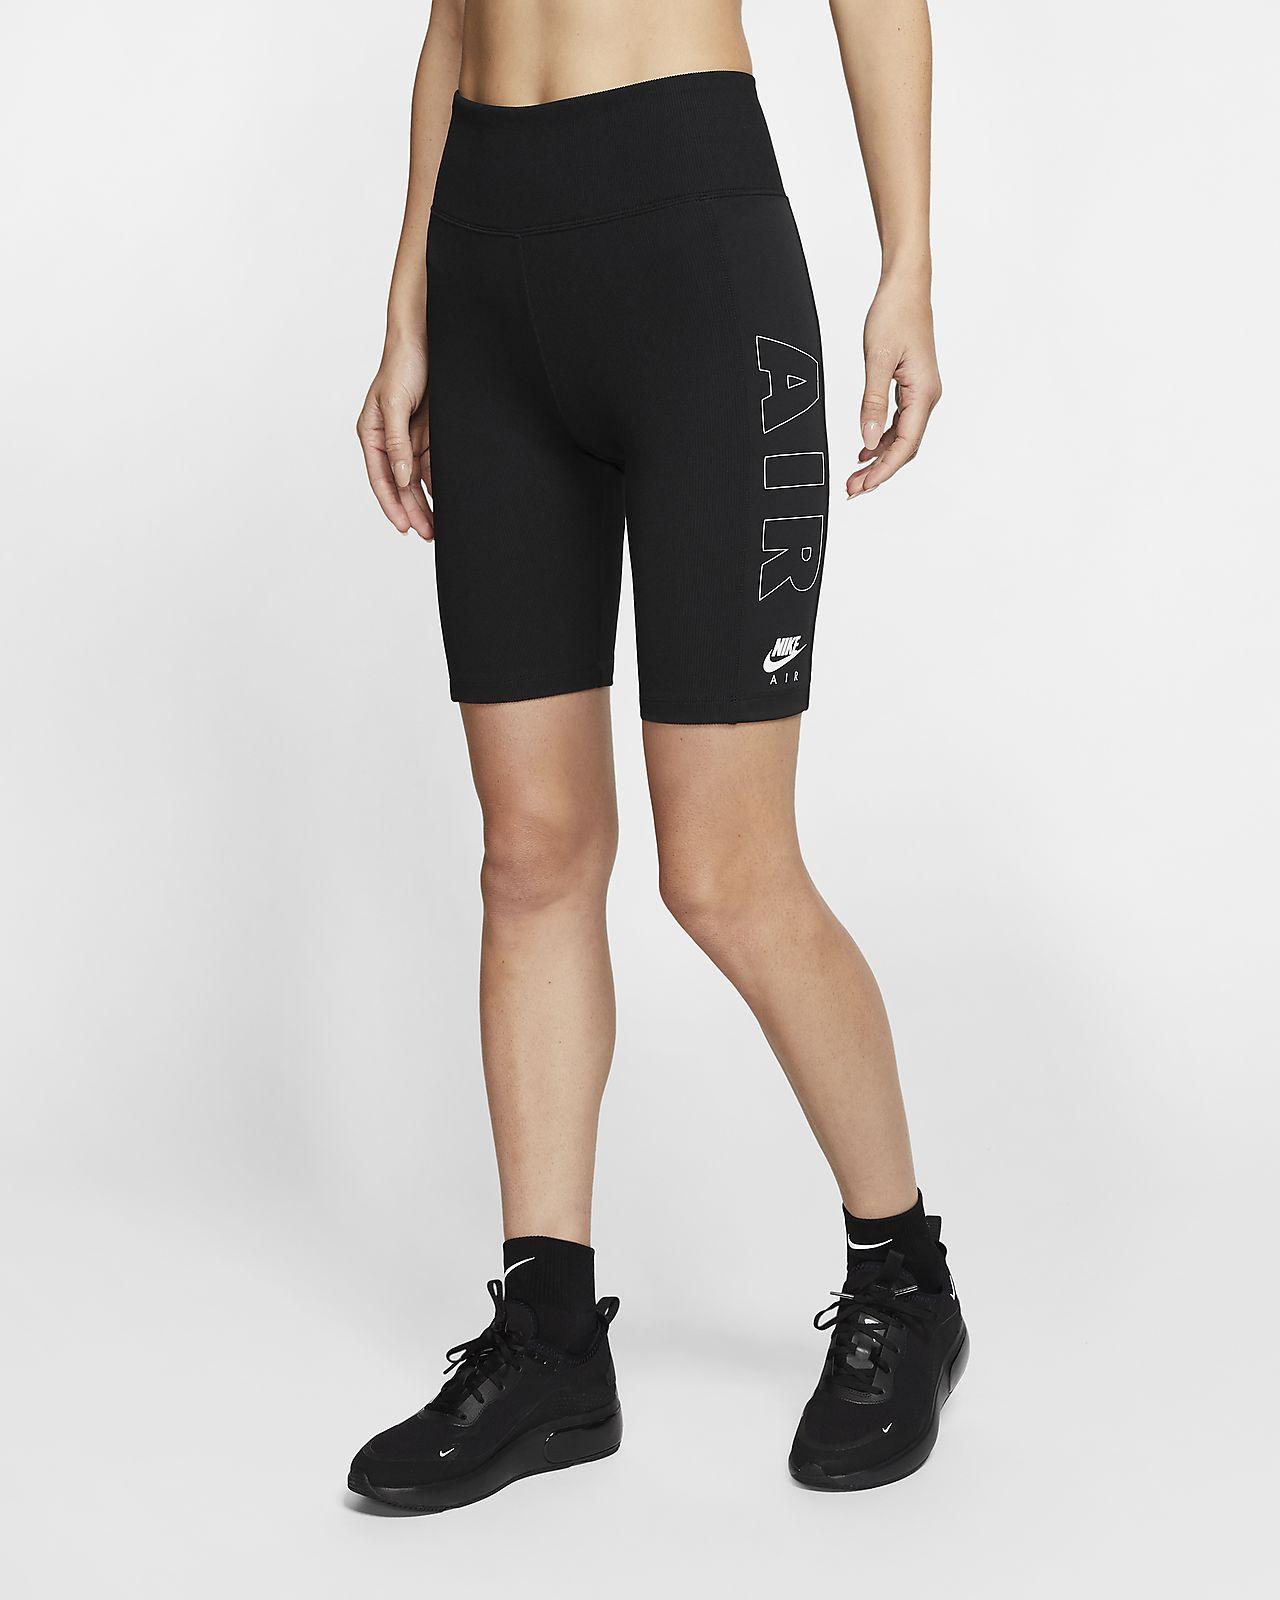 Γυναικείο σορτς ποδηλασίας Nike Air